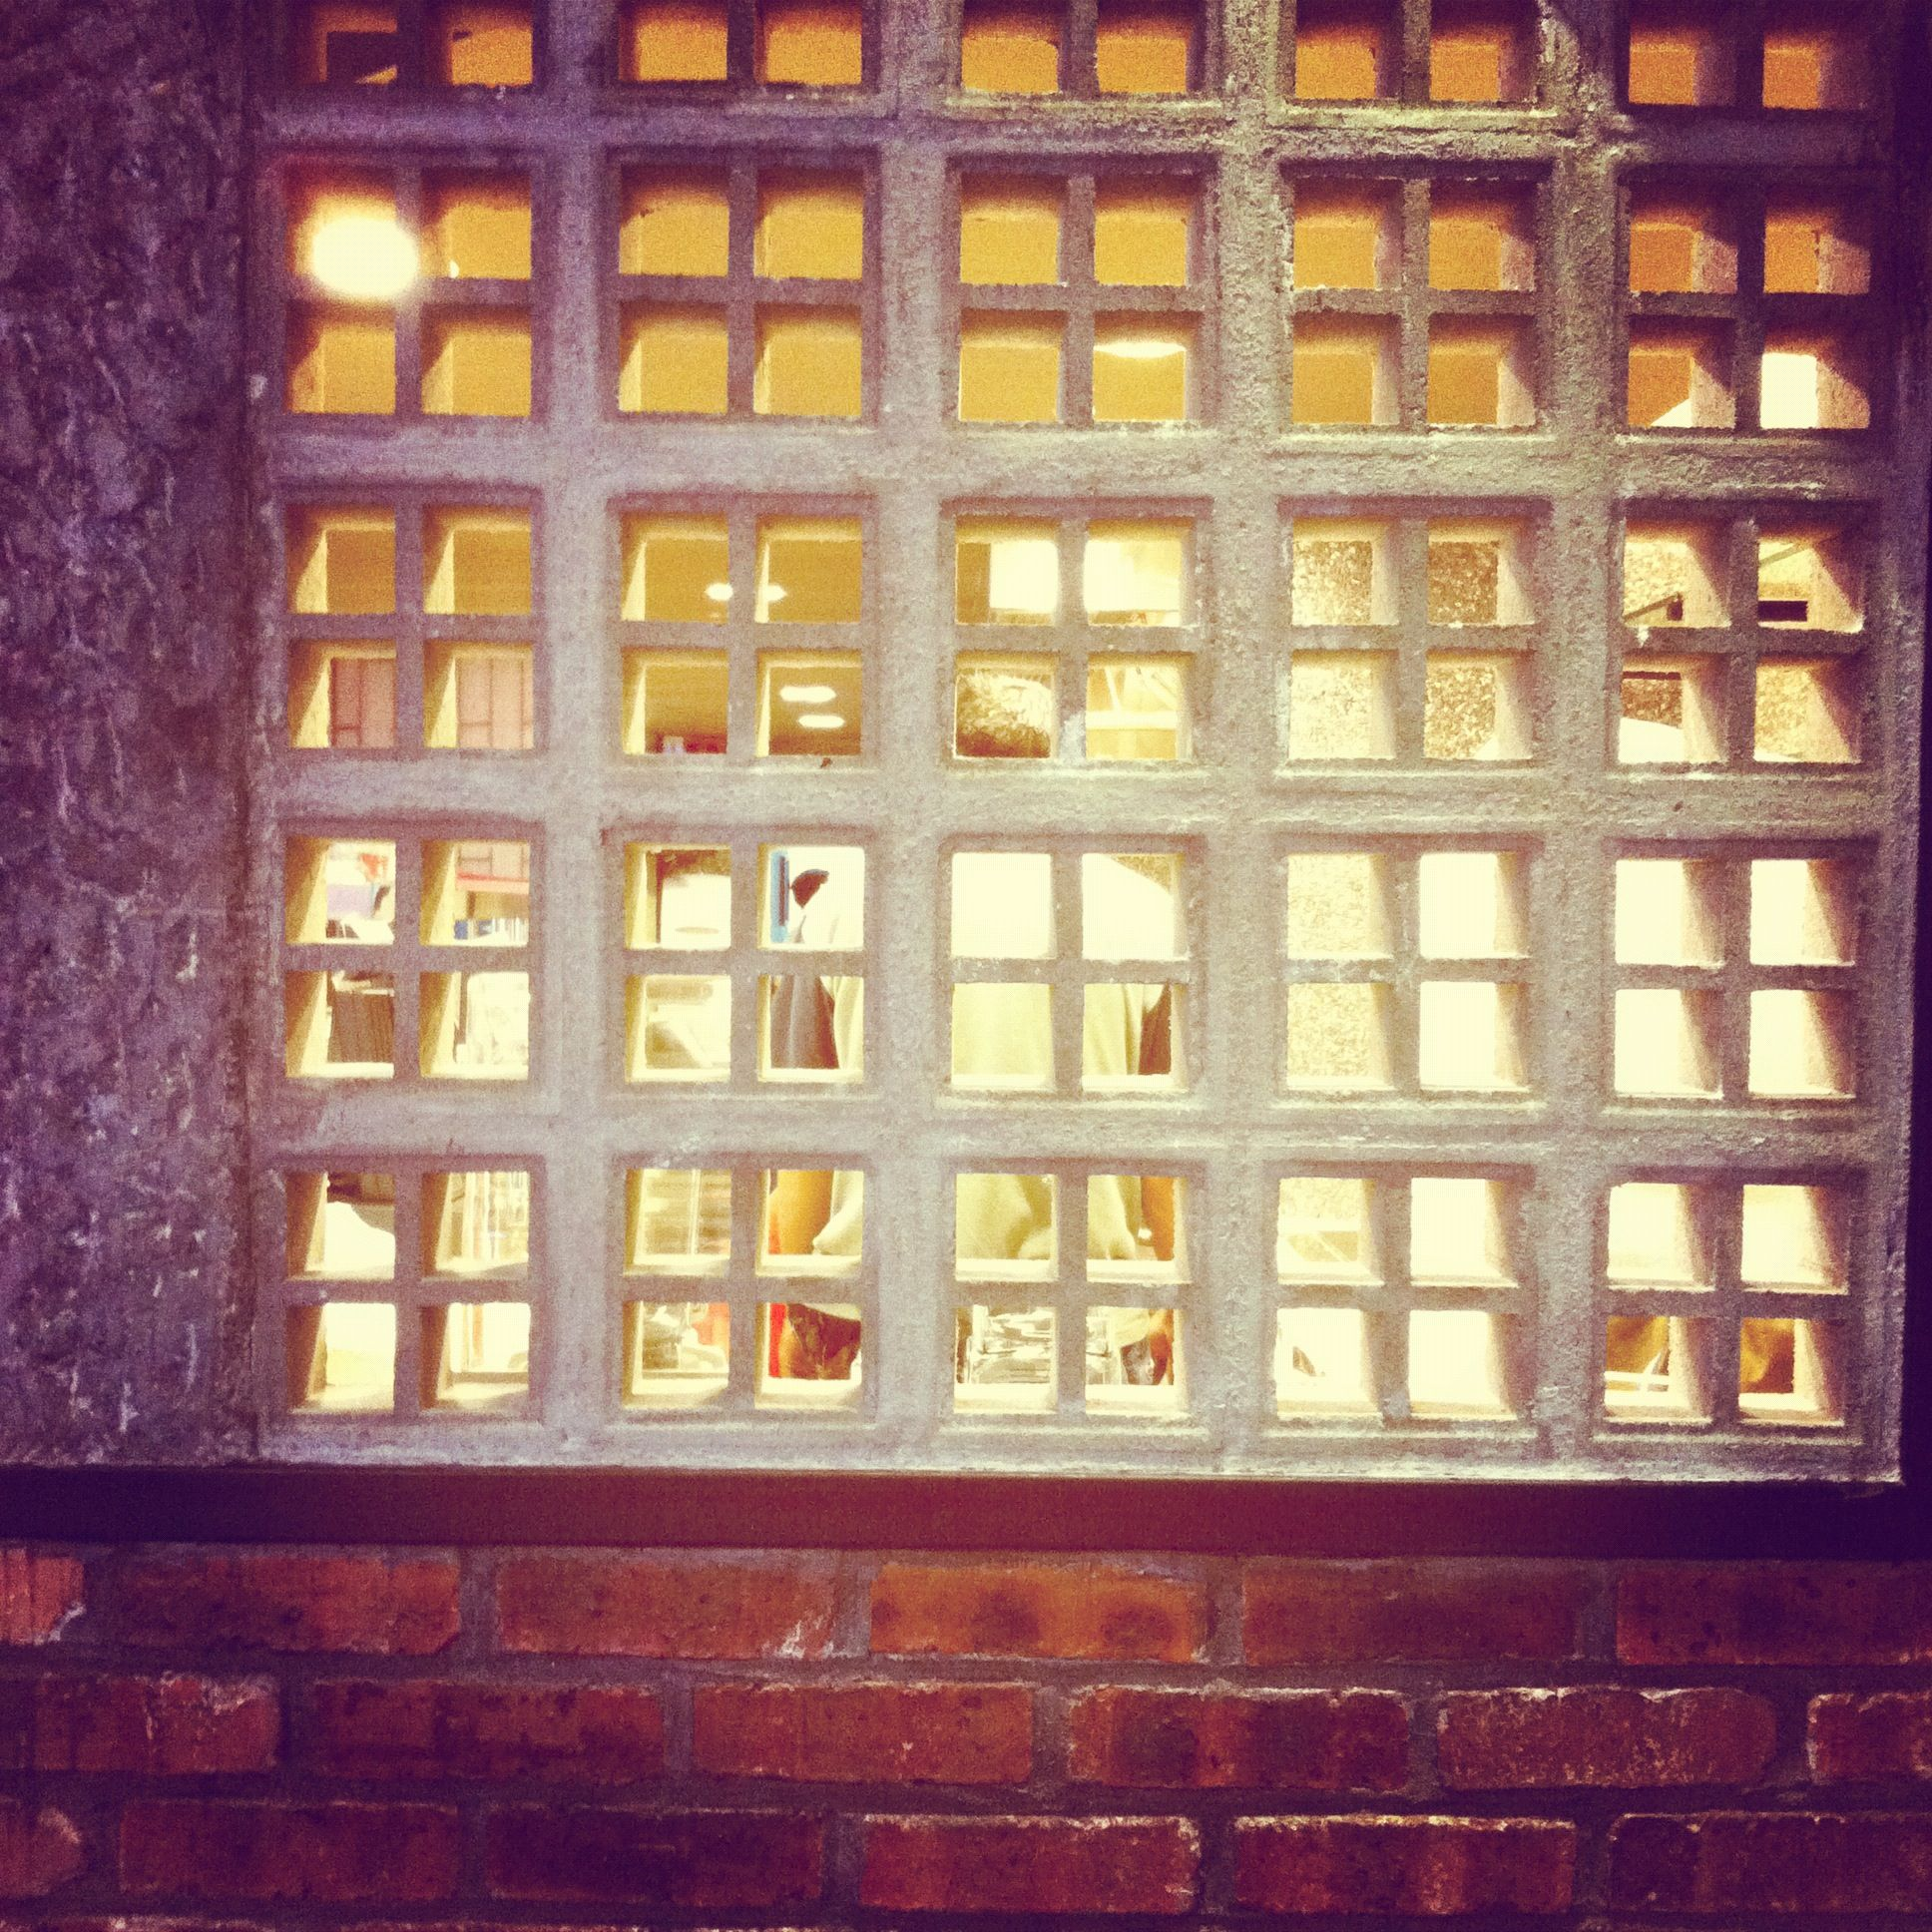 Screen Wall | brick walls and vent blocks | Pinterest | Screens